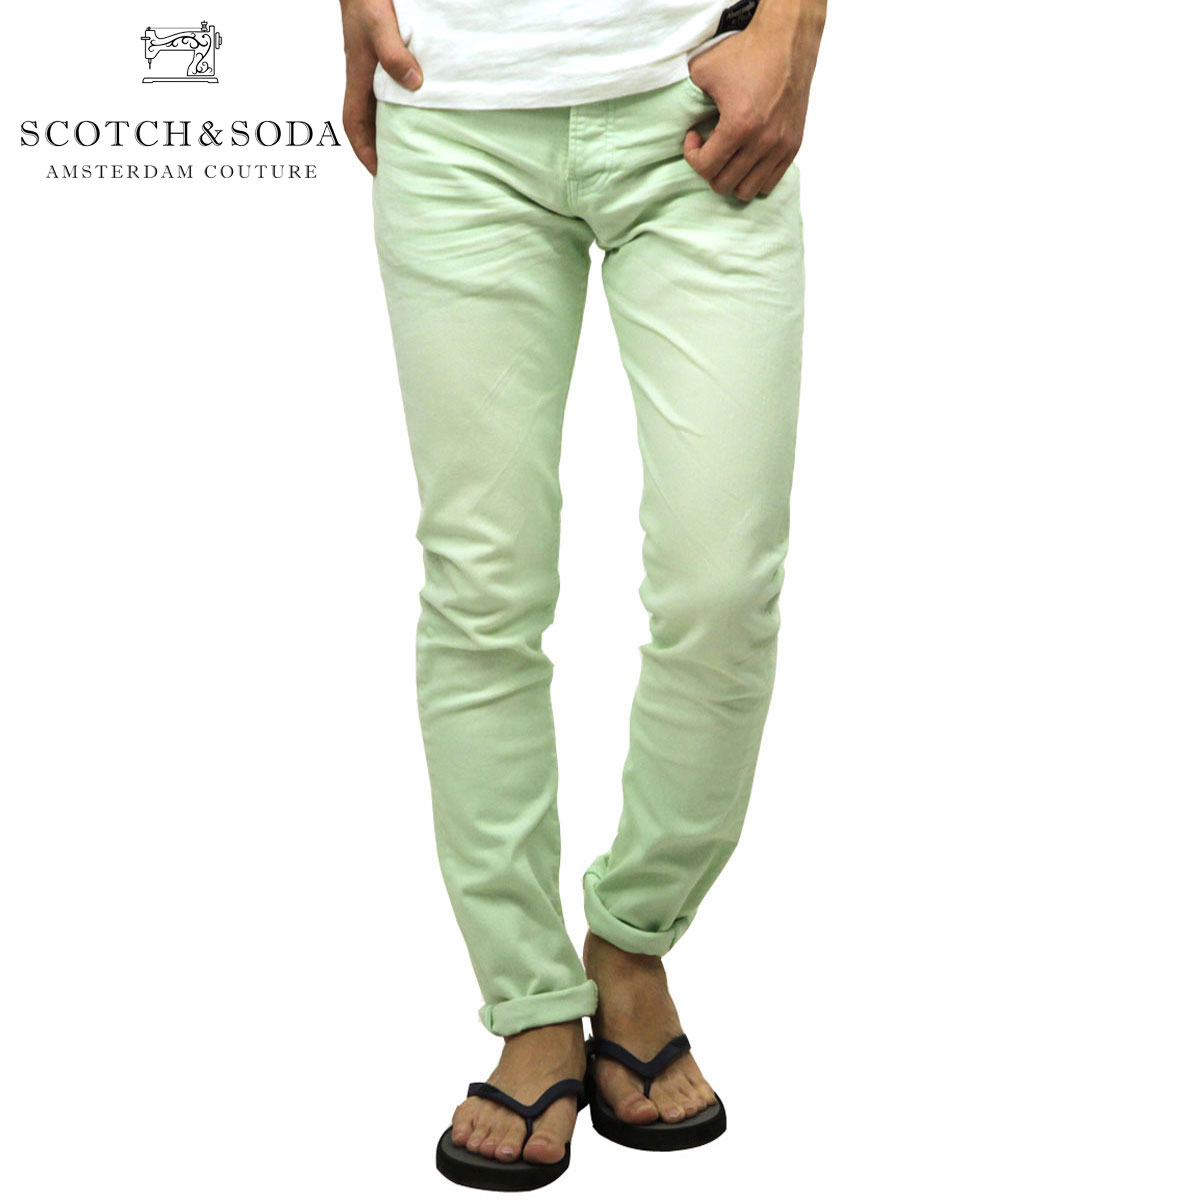 スコッチアンドソーダ SCOTCH&SODA 正規販売店 メンズ スリムデニムパンツ RALSTON SLIM GARMENT DYE COLOUR PANTS 144843 50 65514 MINT D